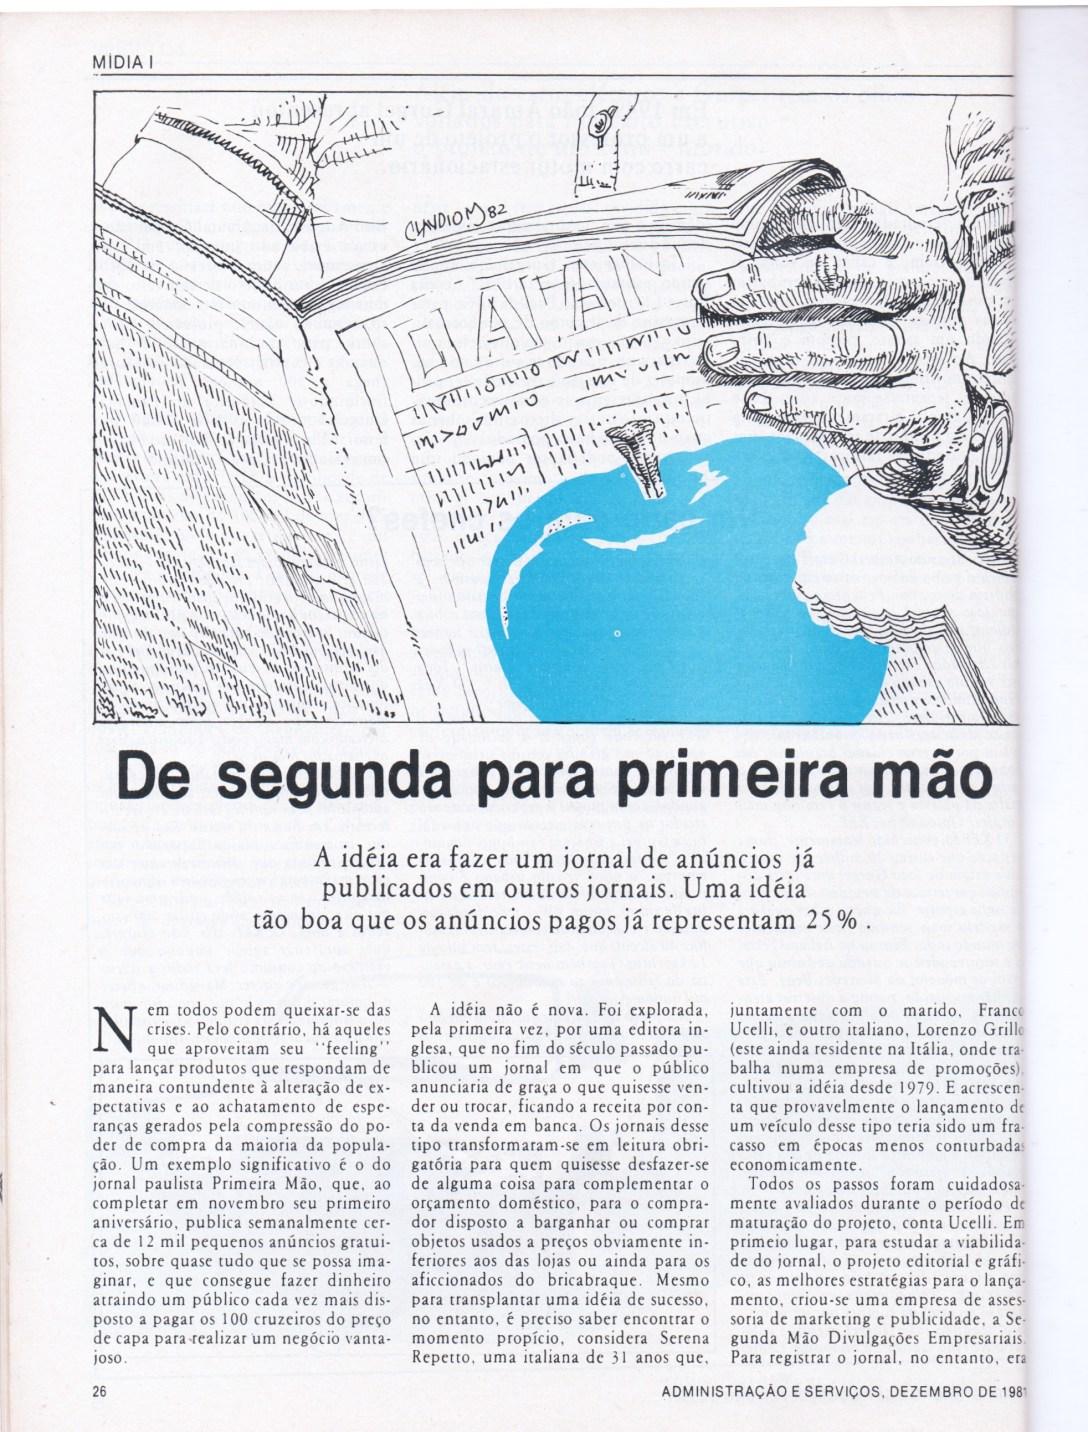 1981:12 Materia Revista Administração 1